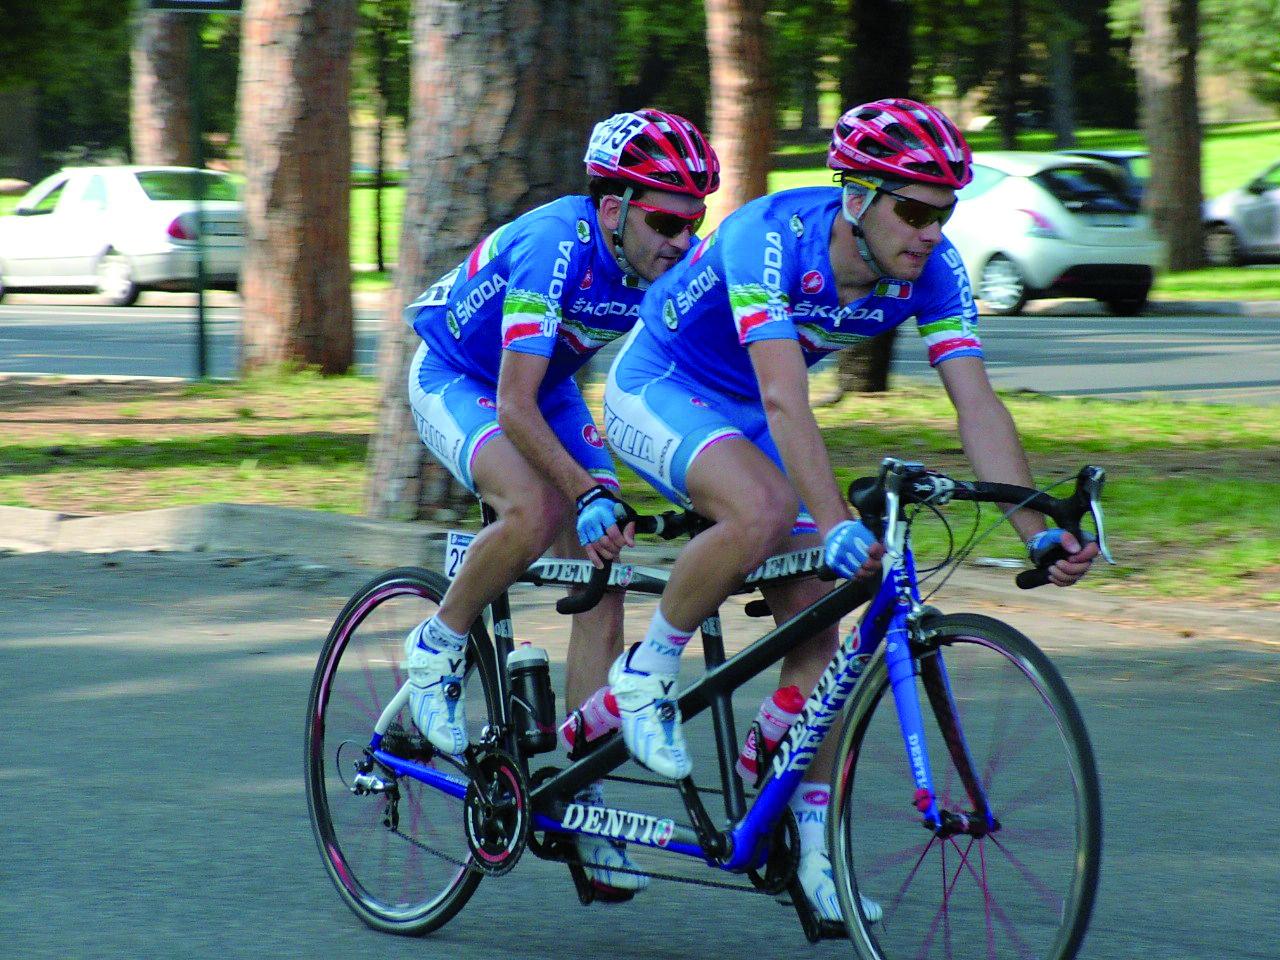 polisportiva-disabili-valcamonica-ciclismo-panizza-bersini-2012